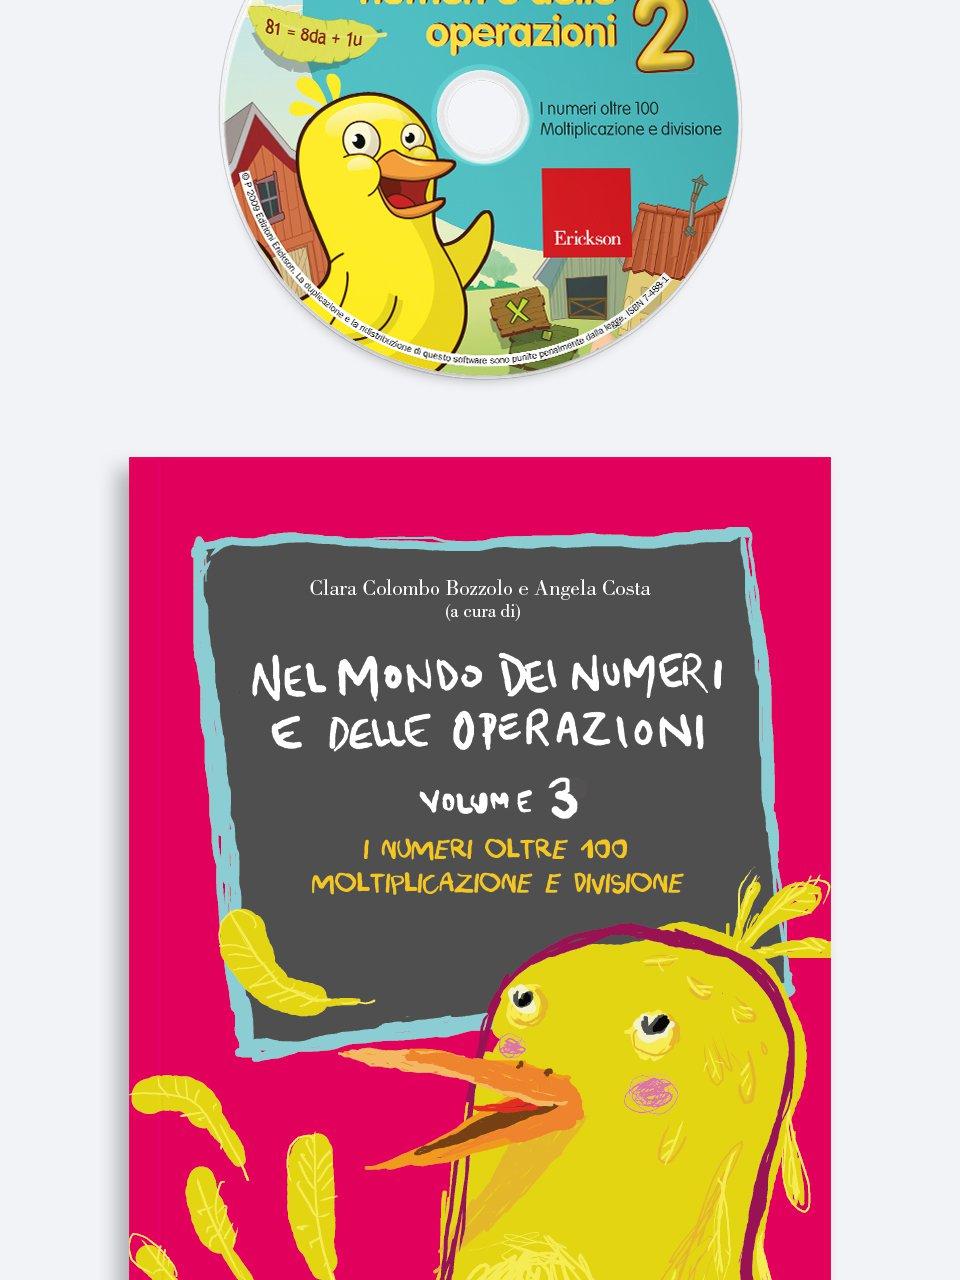 Nel mondo dei numeri e delle operazioni Vol 3 + CD-Rom - Magica-mente 1 - Libri - Erickson